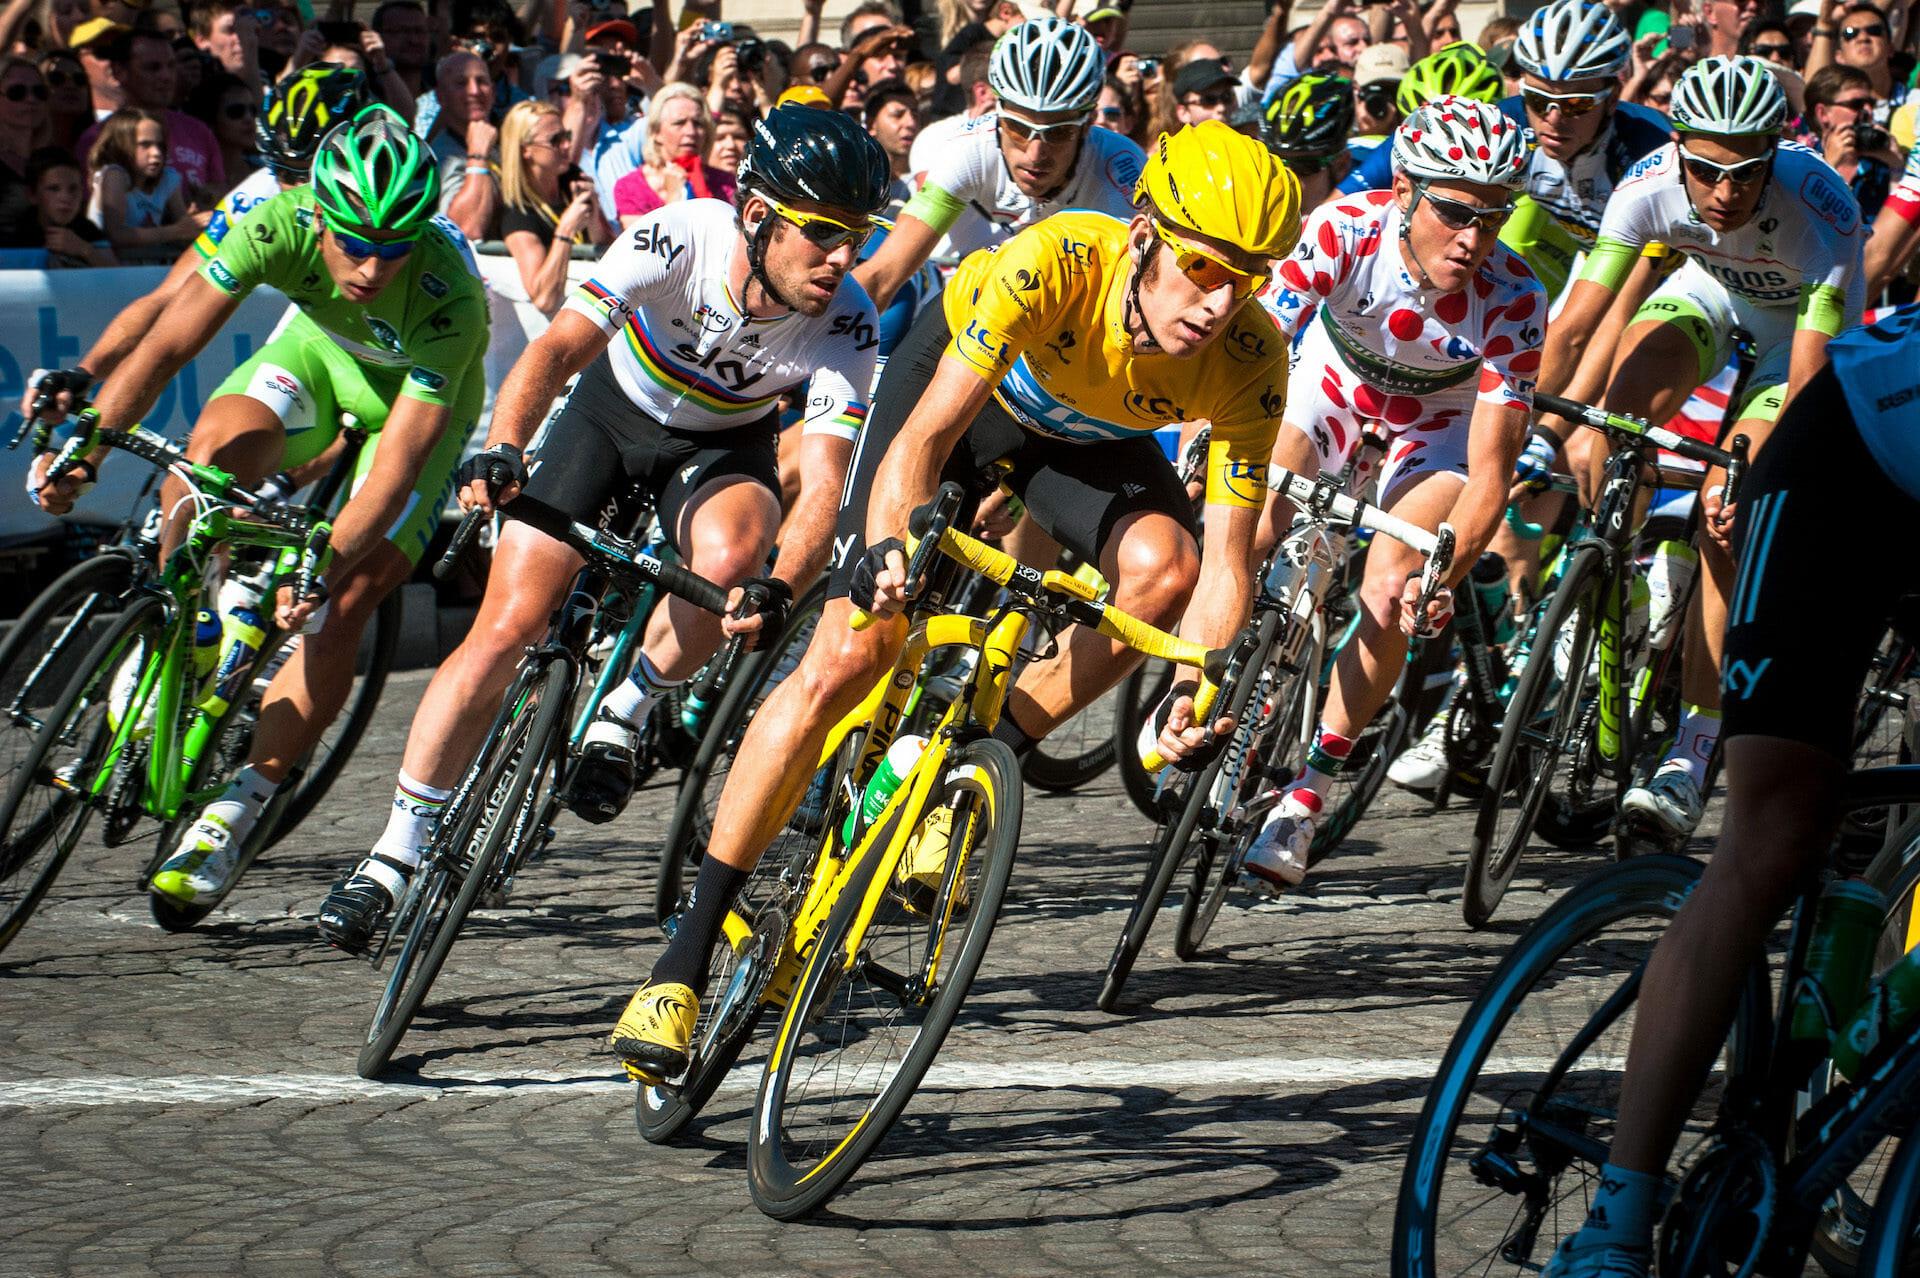 Le lexique du parfait fan de cyclisme pendant le Tour de France